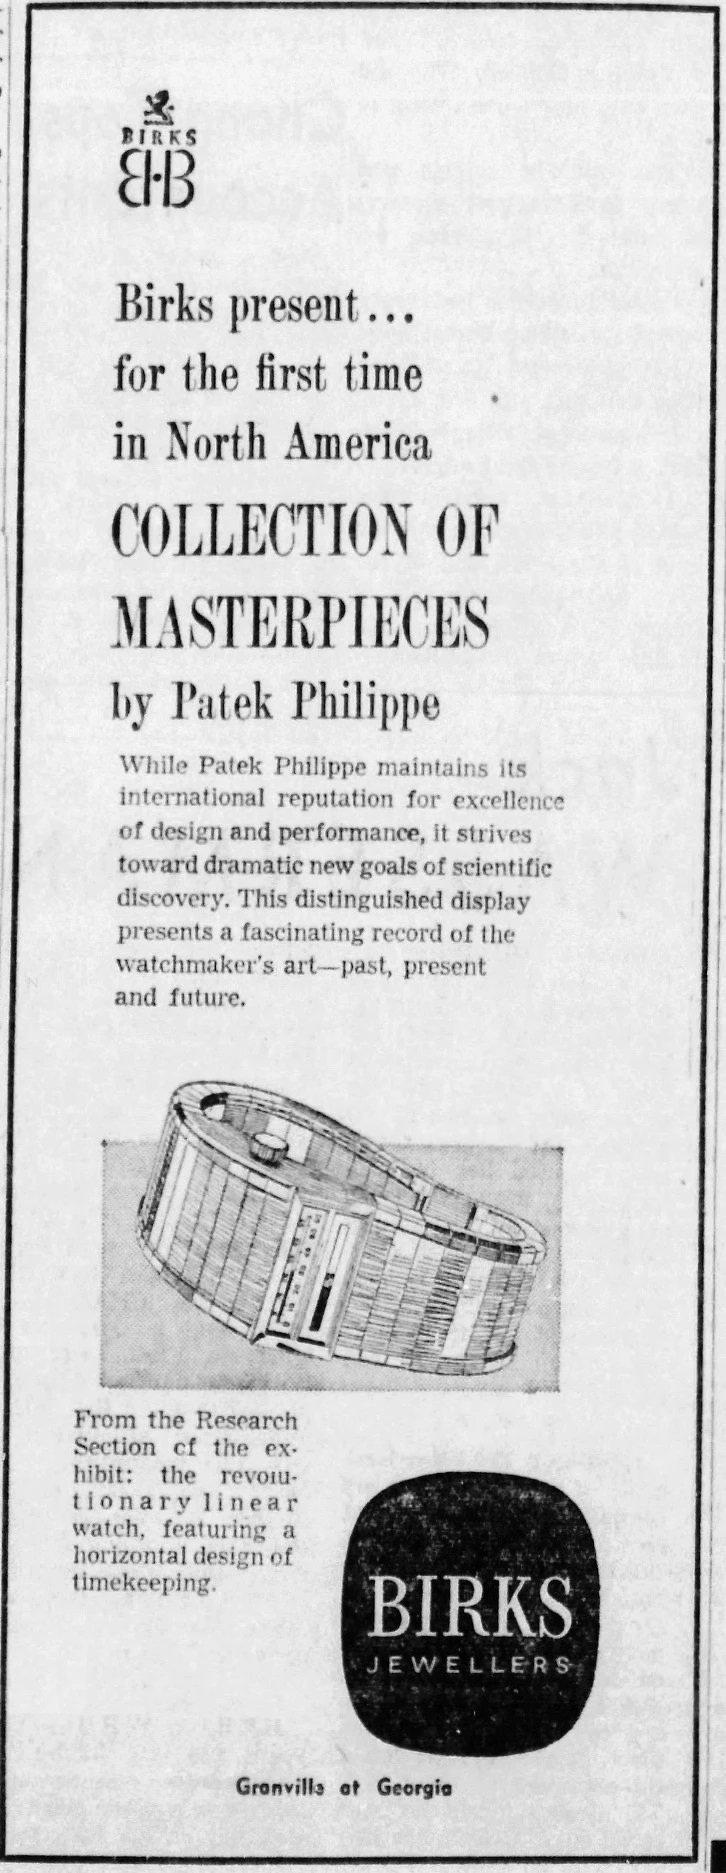 מודעה למוזיאון הנודד של פטק פיליפ בארצות הברית בשנות השבעים. מקור - WatchProSite.